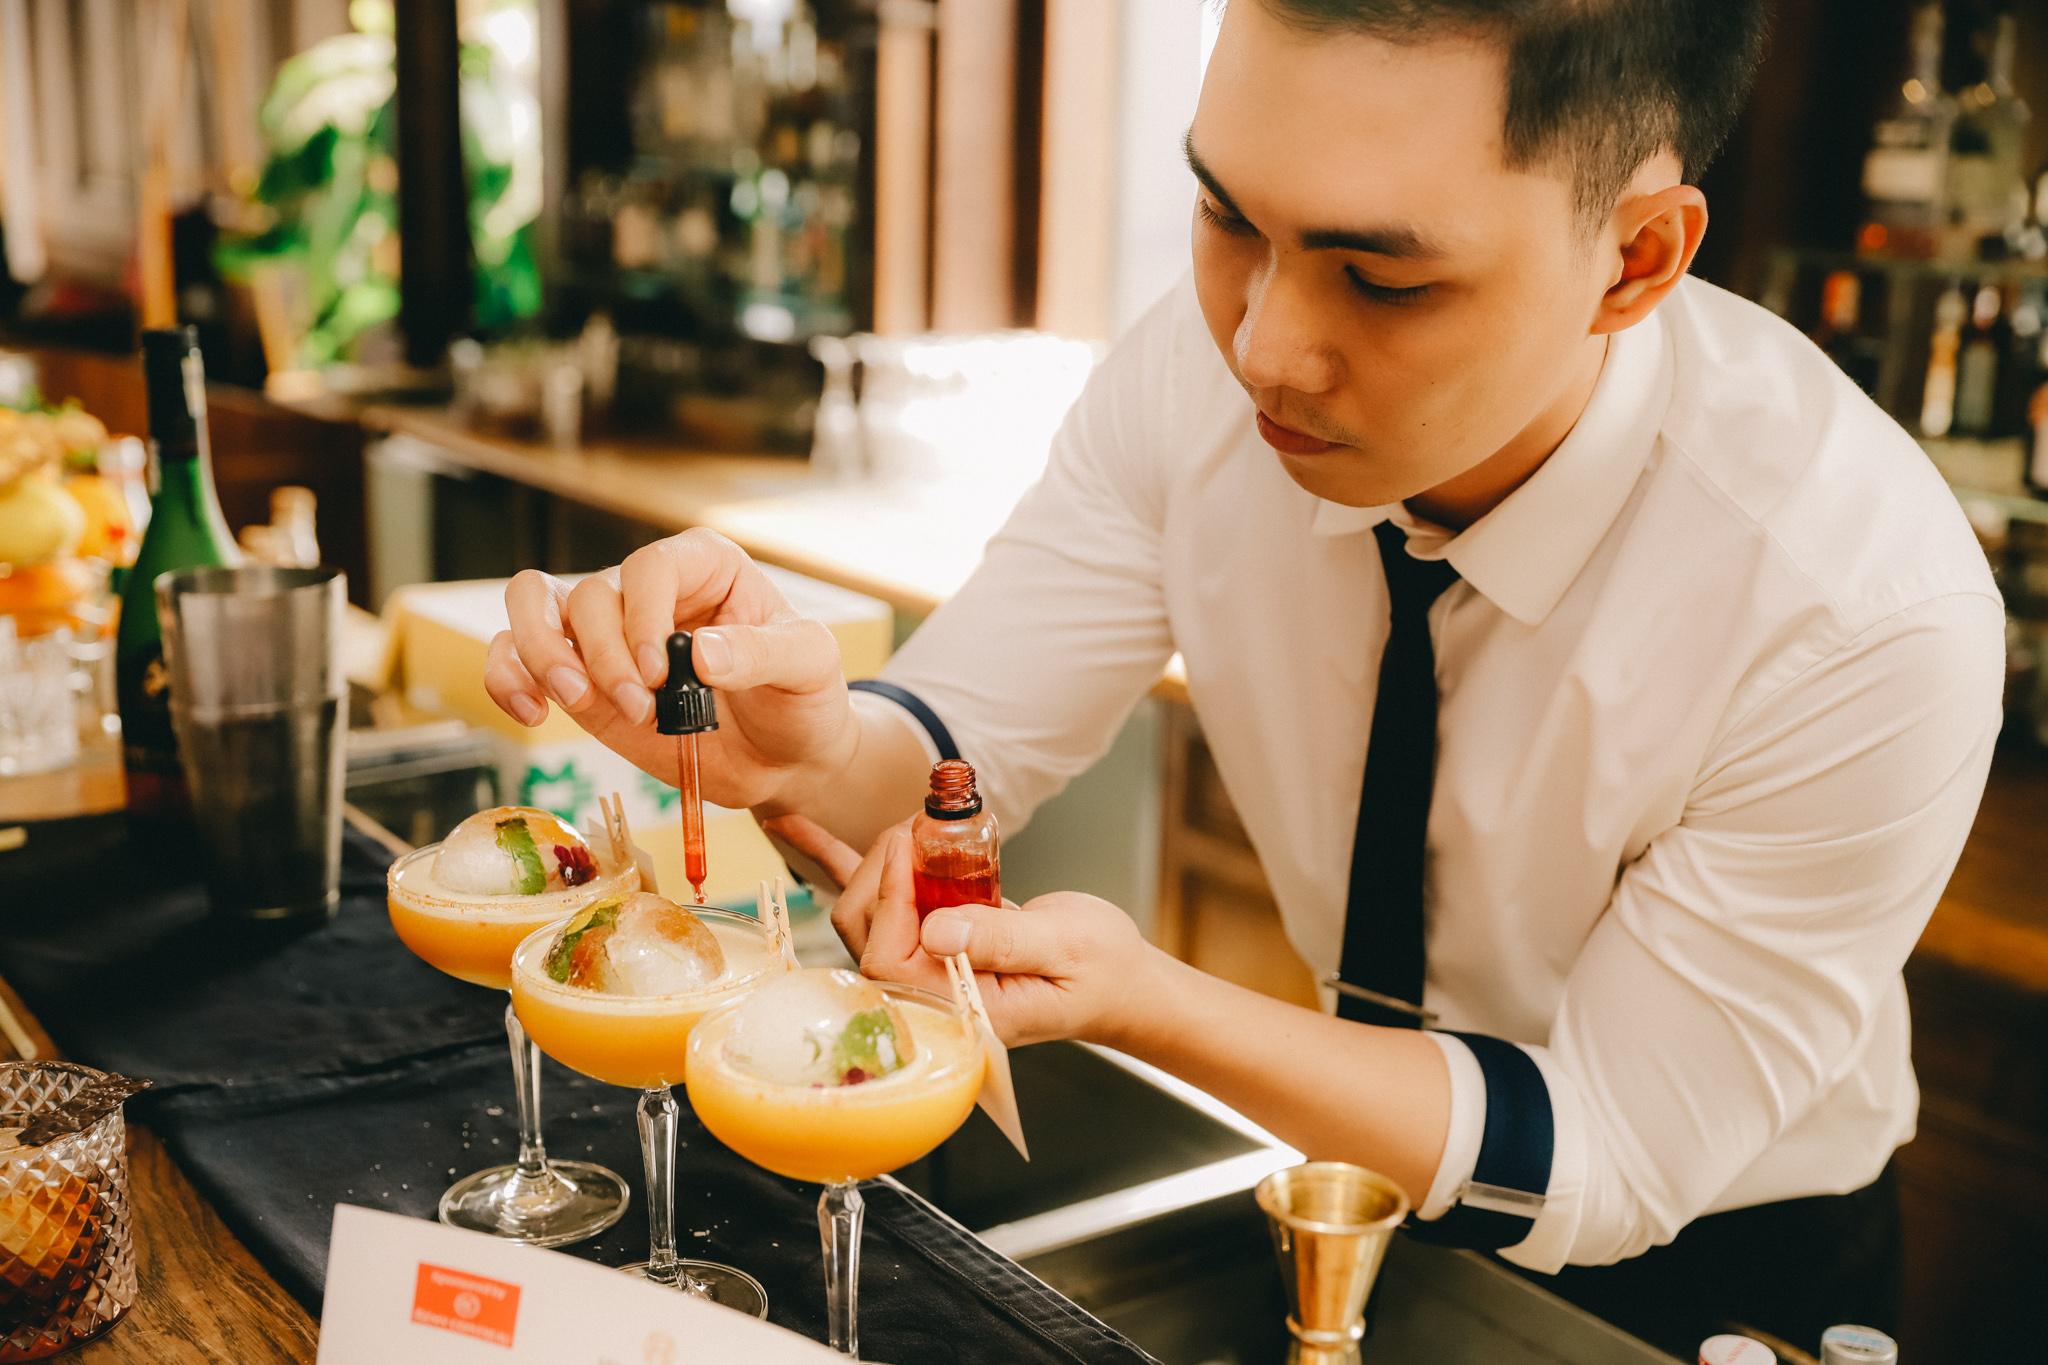 Hôtel des Arts Saigon giành giải pha chế xuất sắc nhất - 4